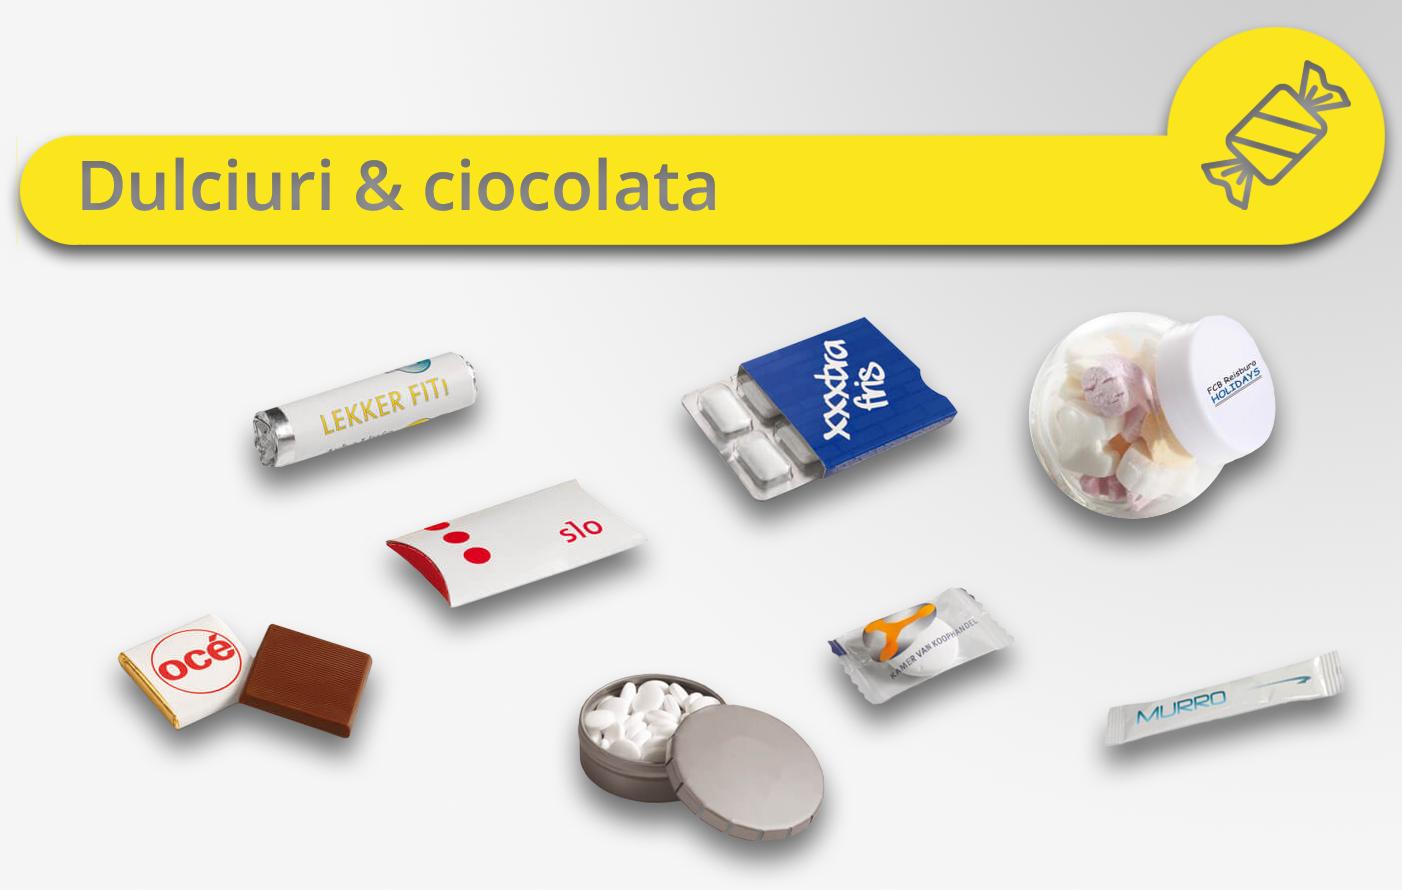 Dulciuri & Ciocolata